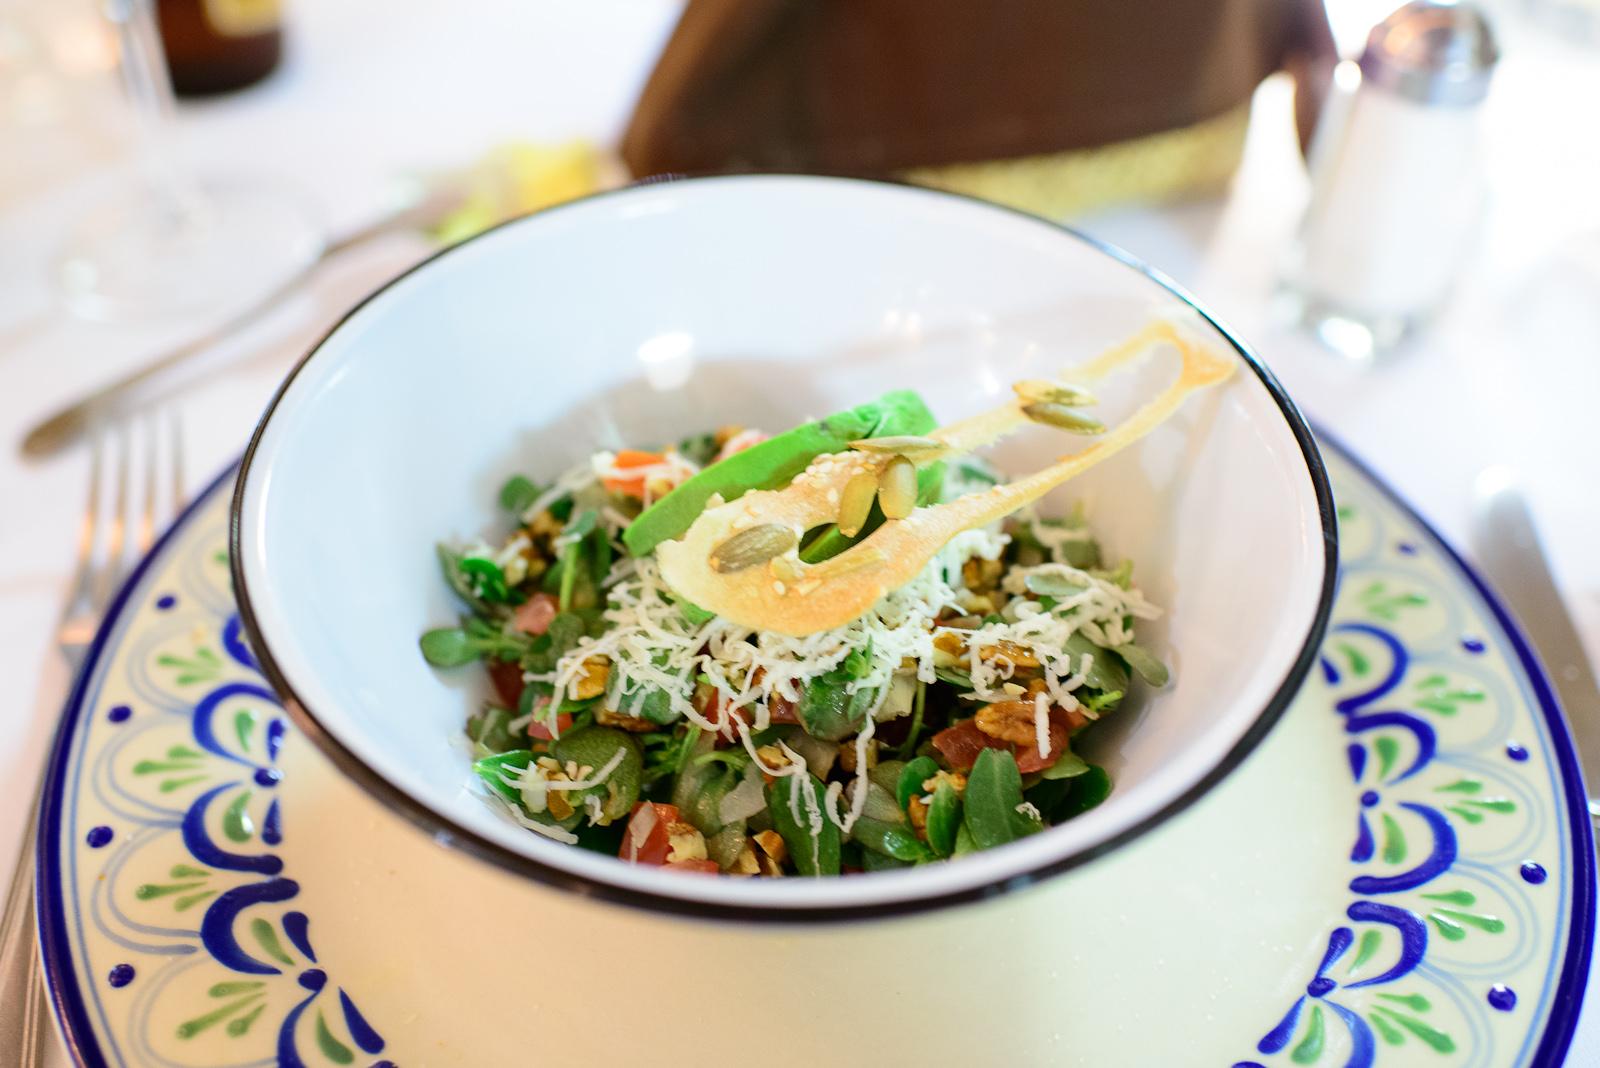 Ensalada de verdolagas - Mezclamos esta deliciosa hierba fresca